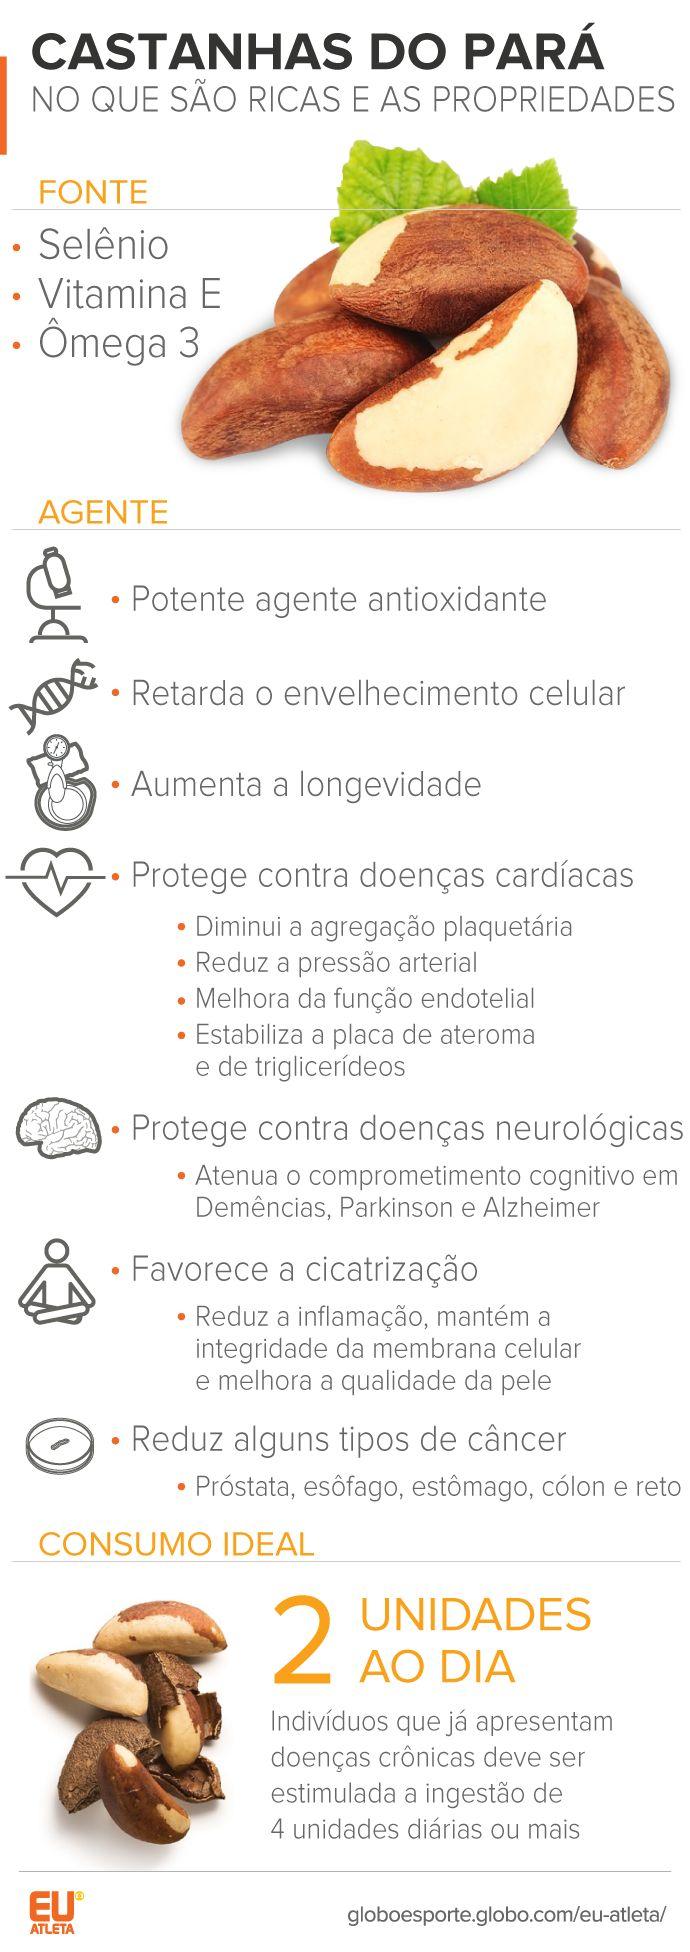 Castanha do Pará é boa para baixar a pressão alta e proteger de doenças…